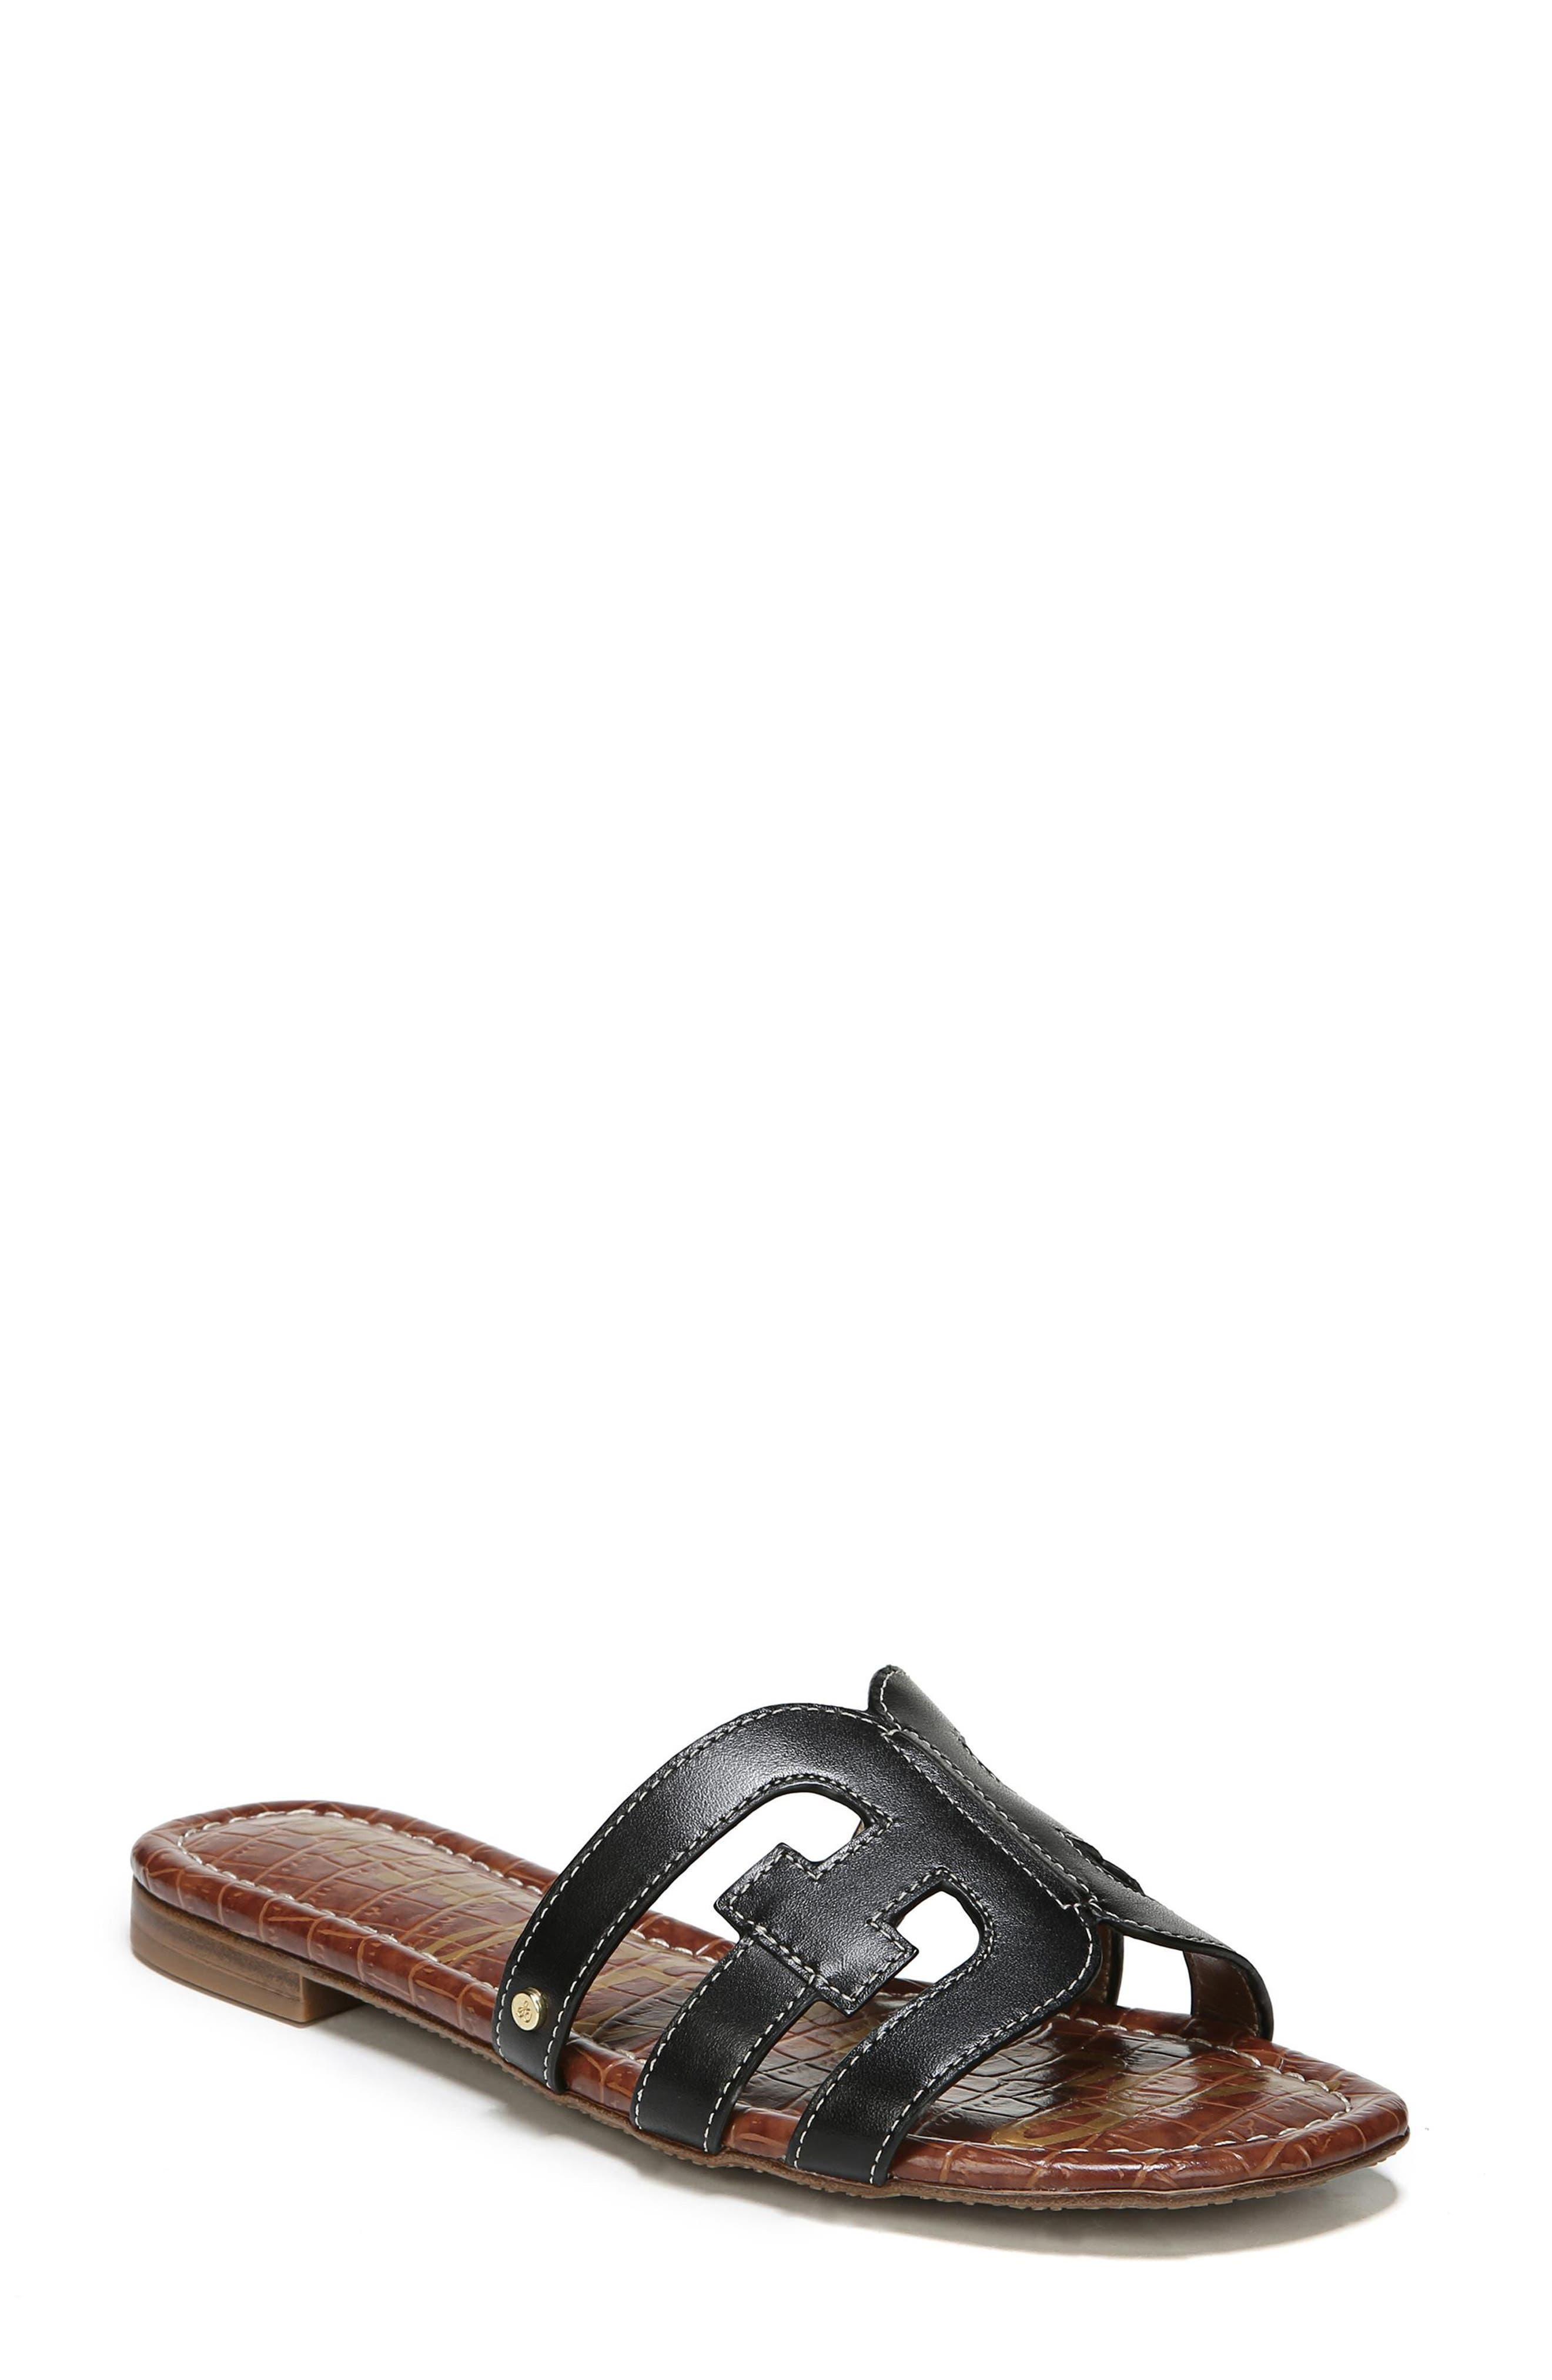 ce74c64a7 Slides Sam Edelman Shoes